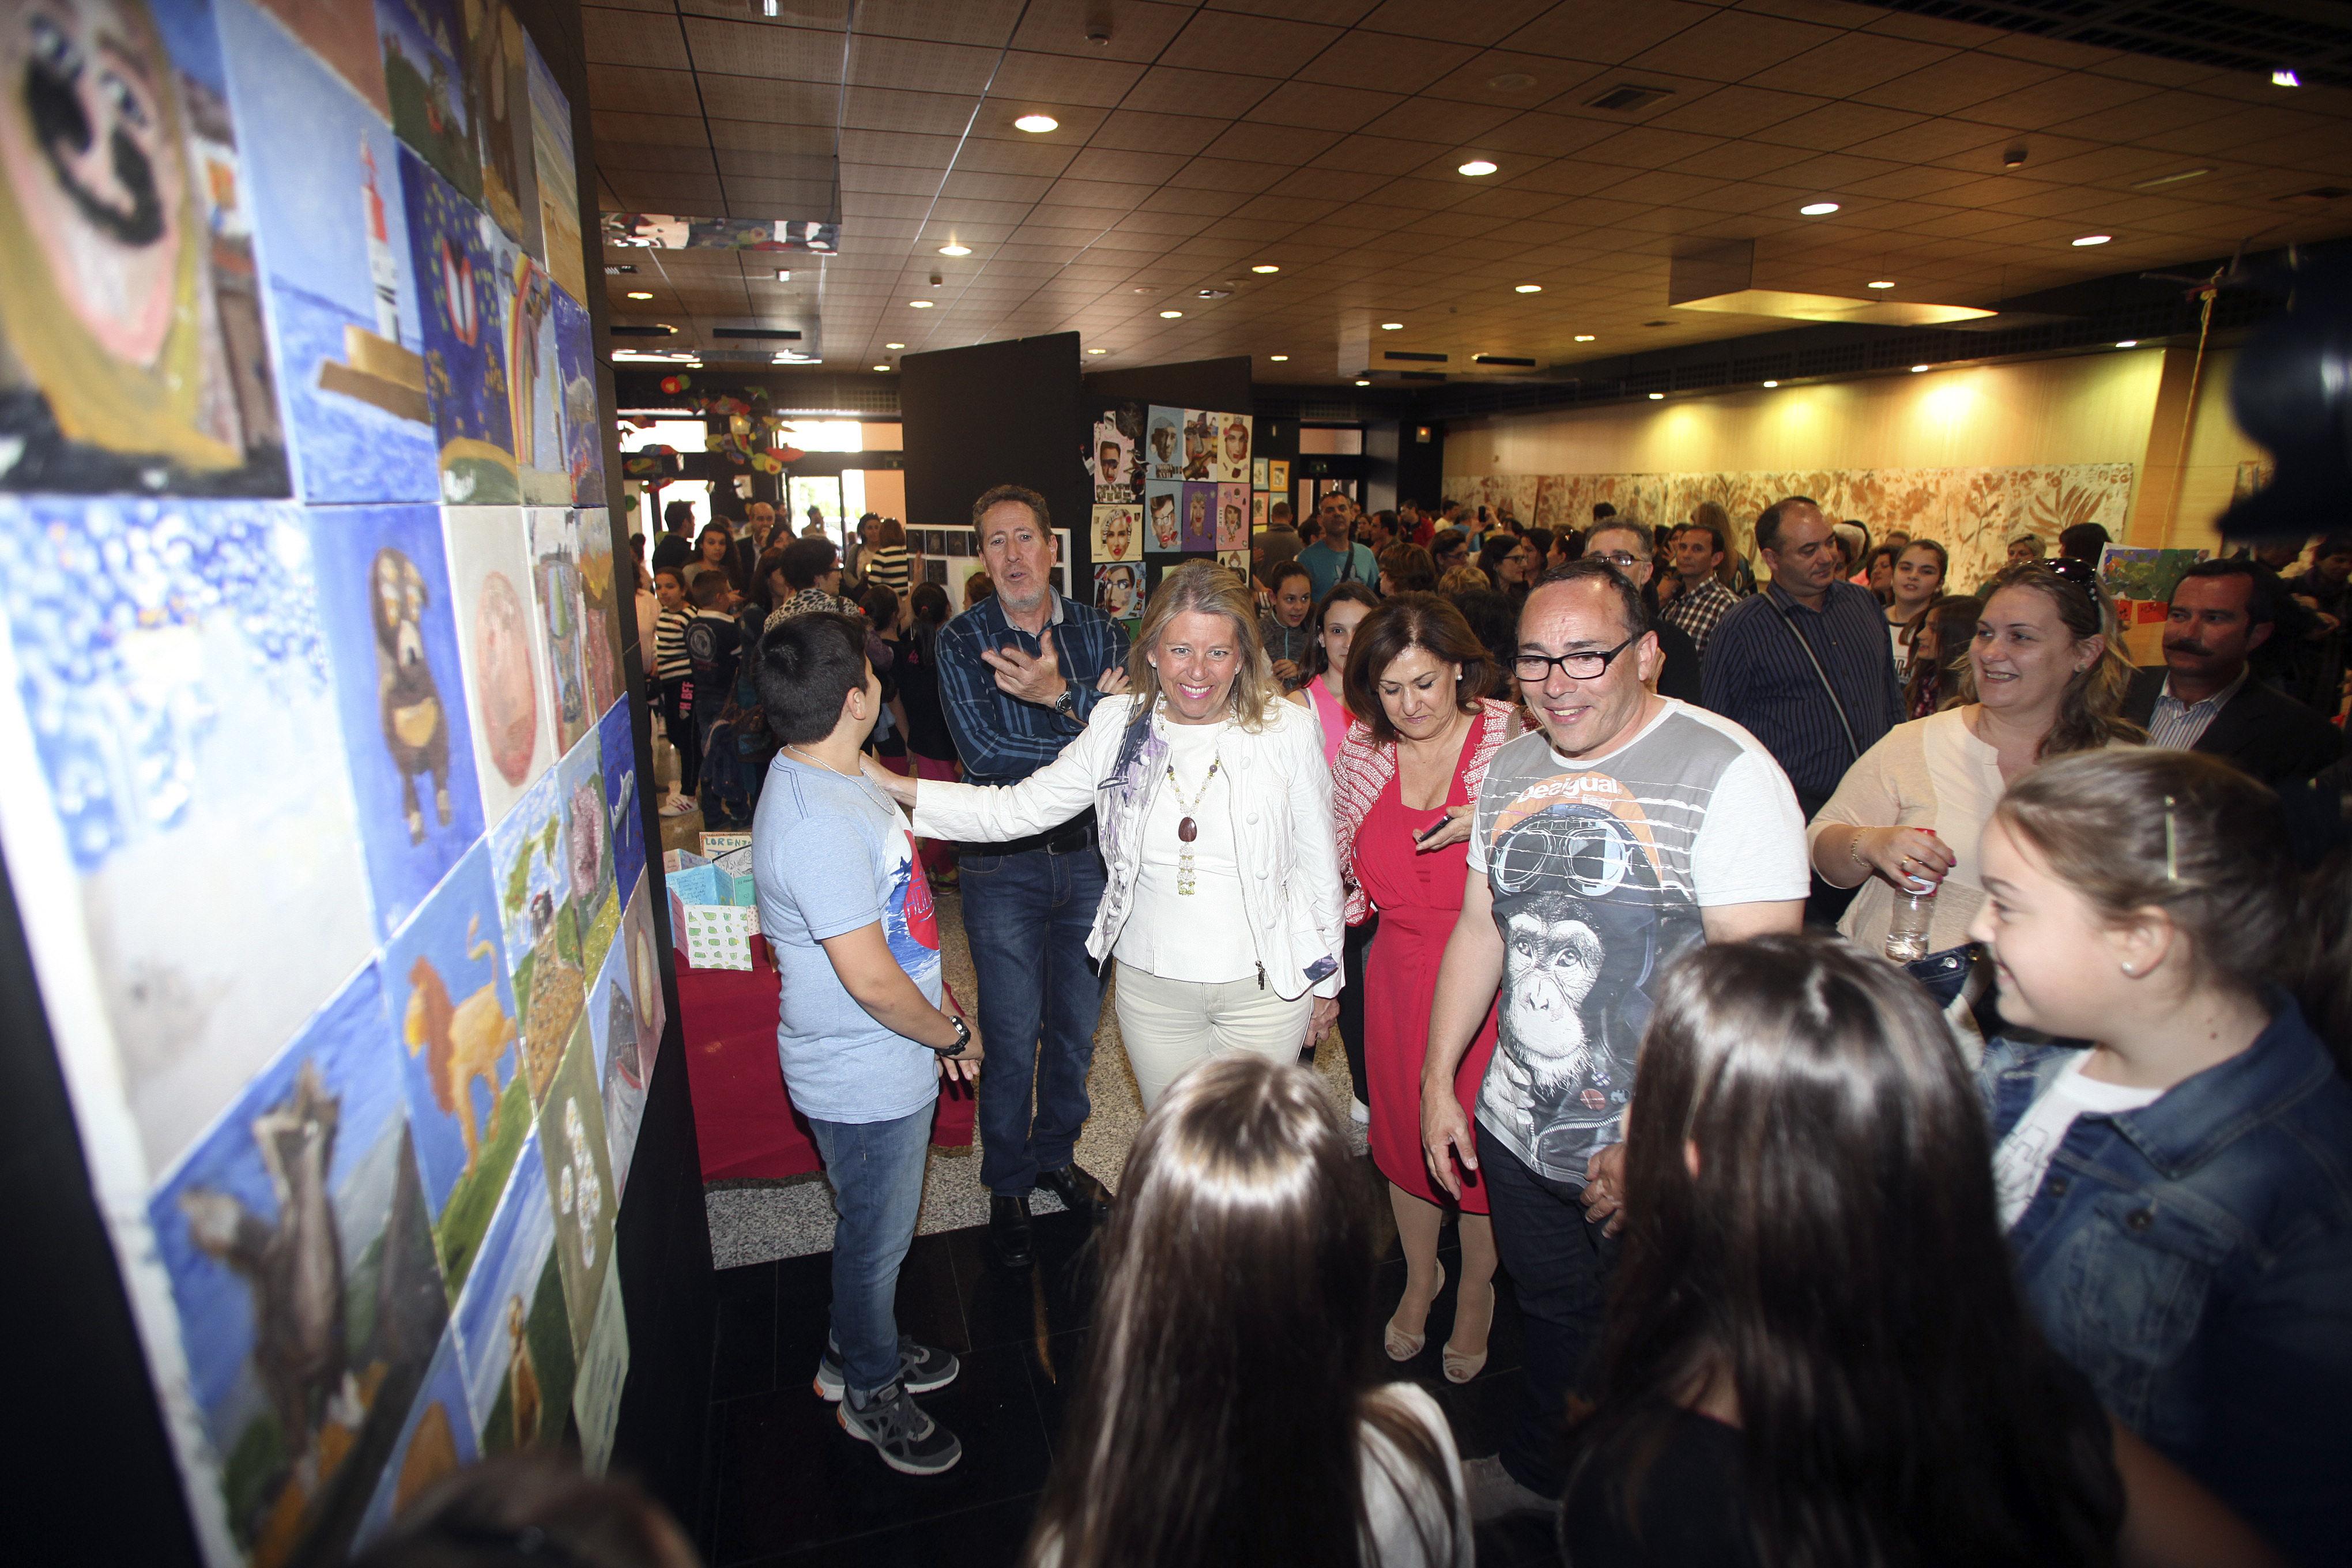 El Palacio de Congresos Adolfo Suárez acogerá hasta el 23 de abril la exposición 'Artistas en el aula. 2014-2015' del CEIP Miguel de Cervantes